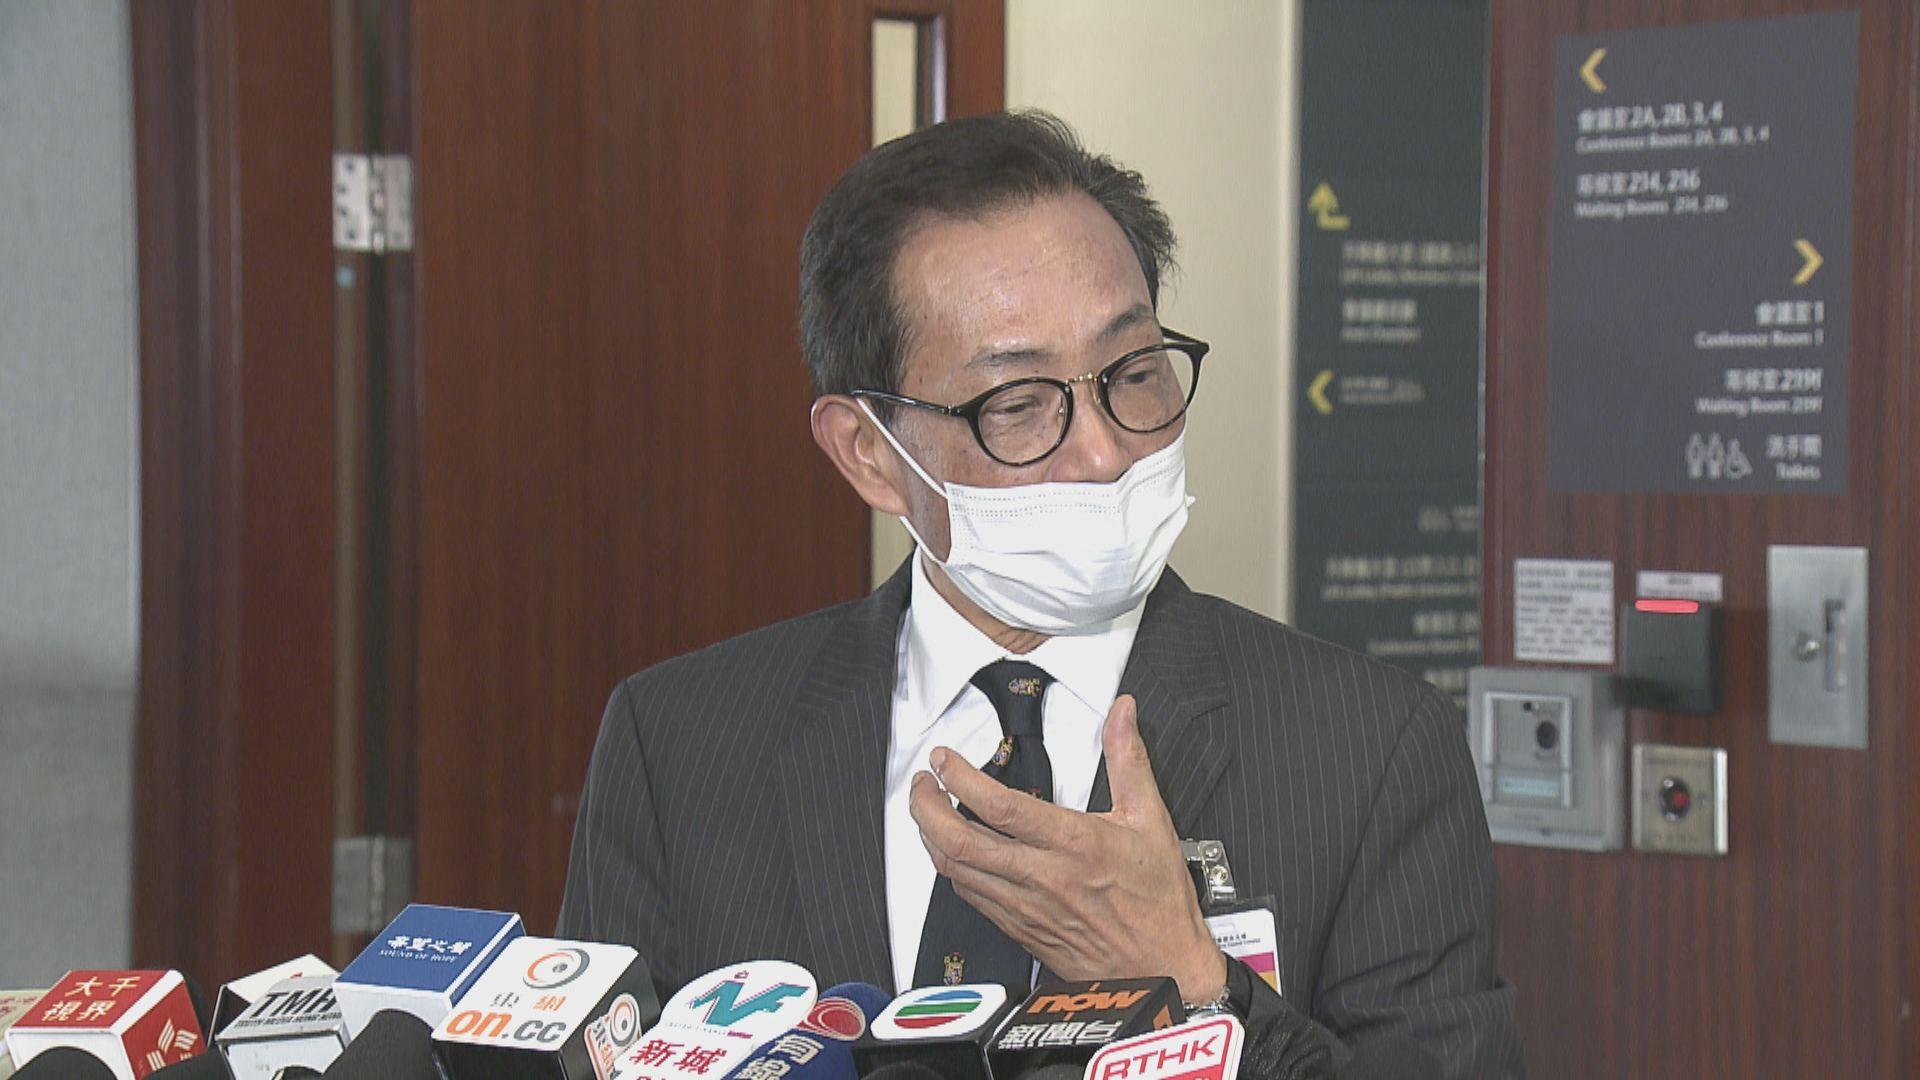 私隱專員:警員鏡頭展示記者身份證案搜證有困難